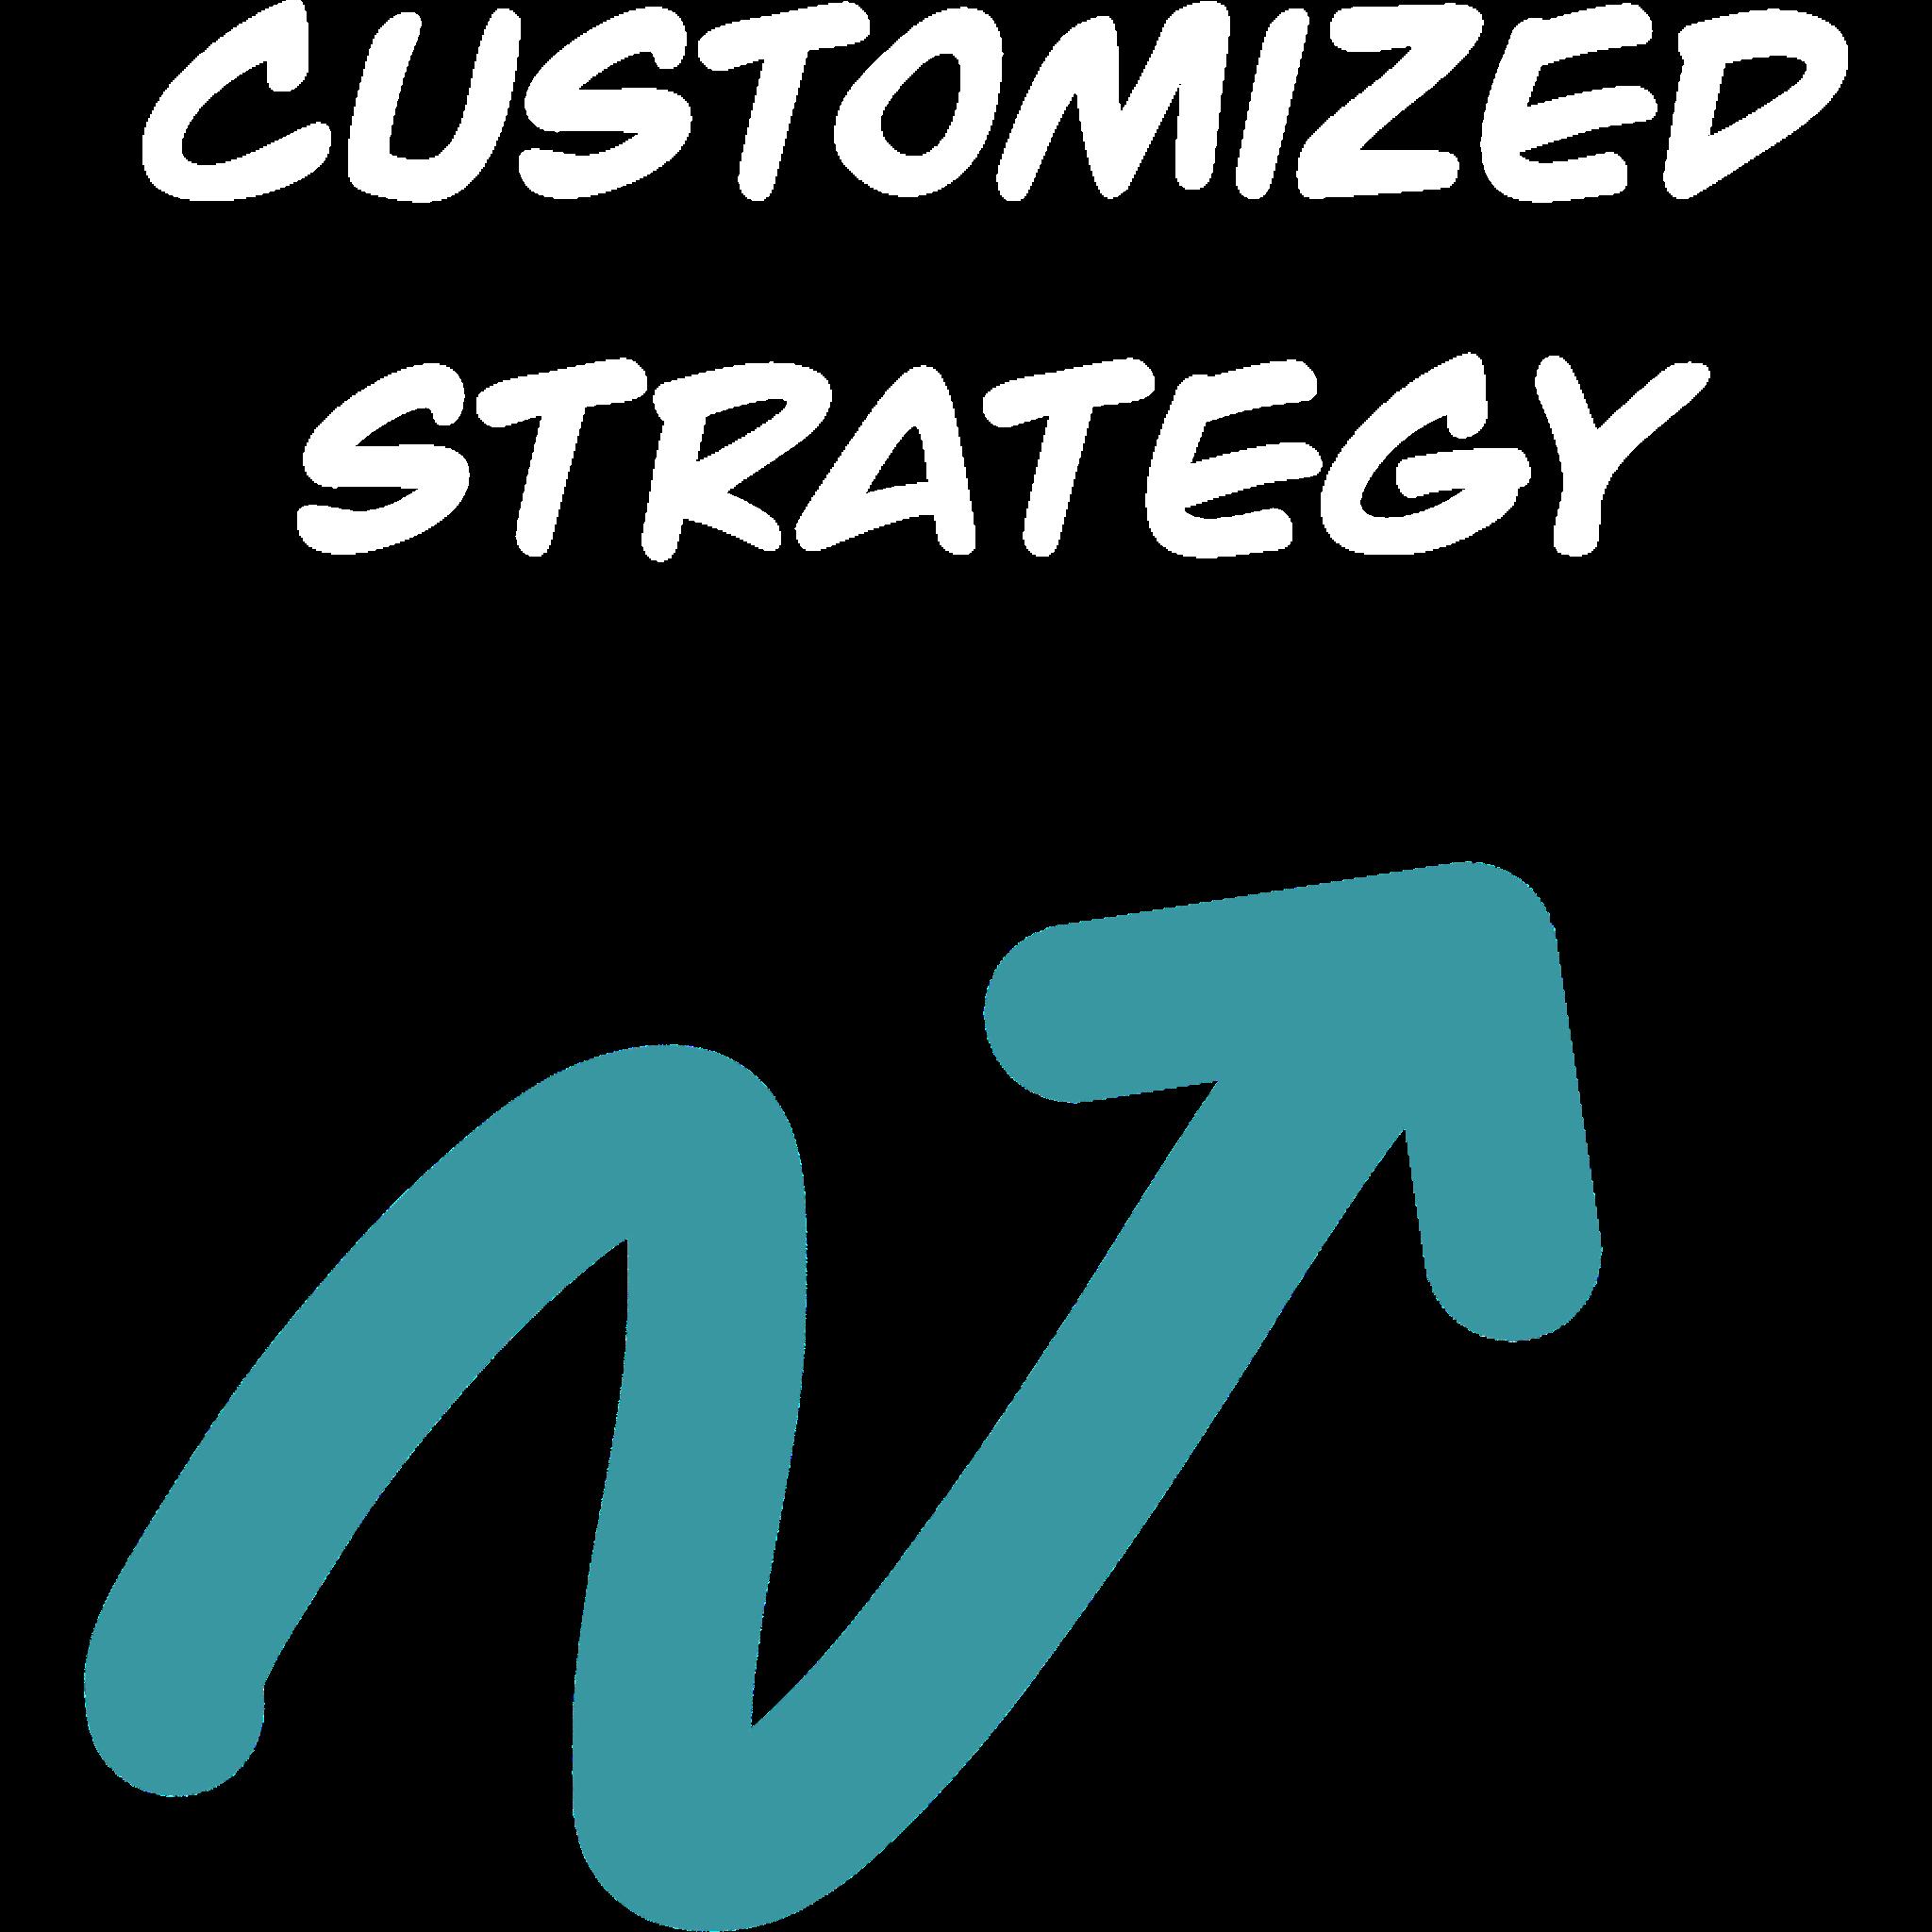 Customized digital strategy